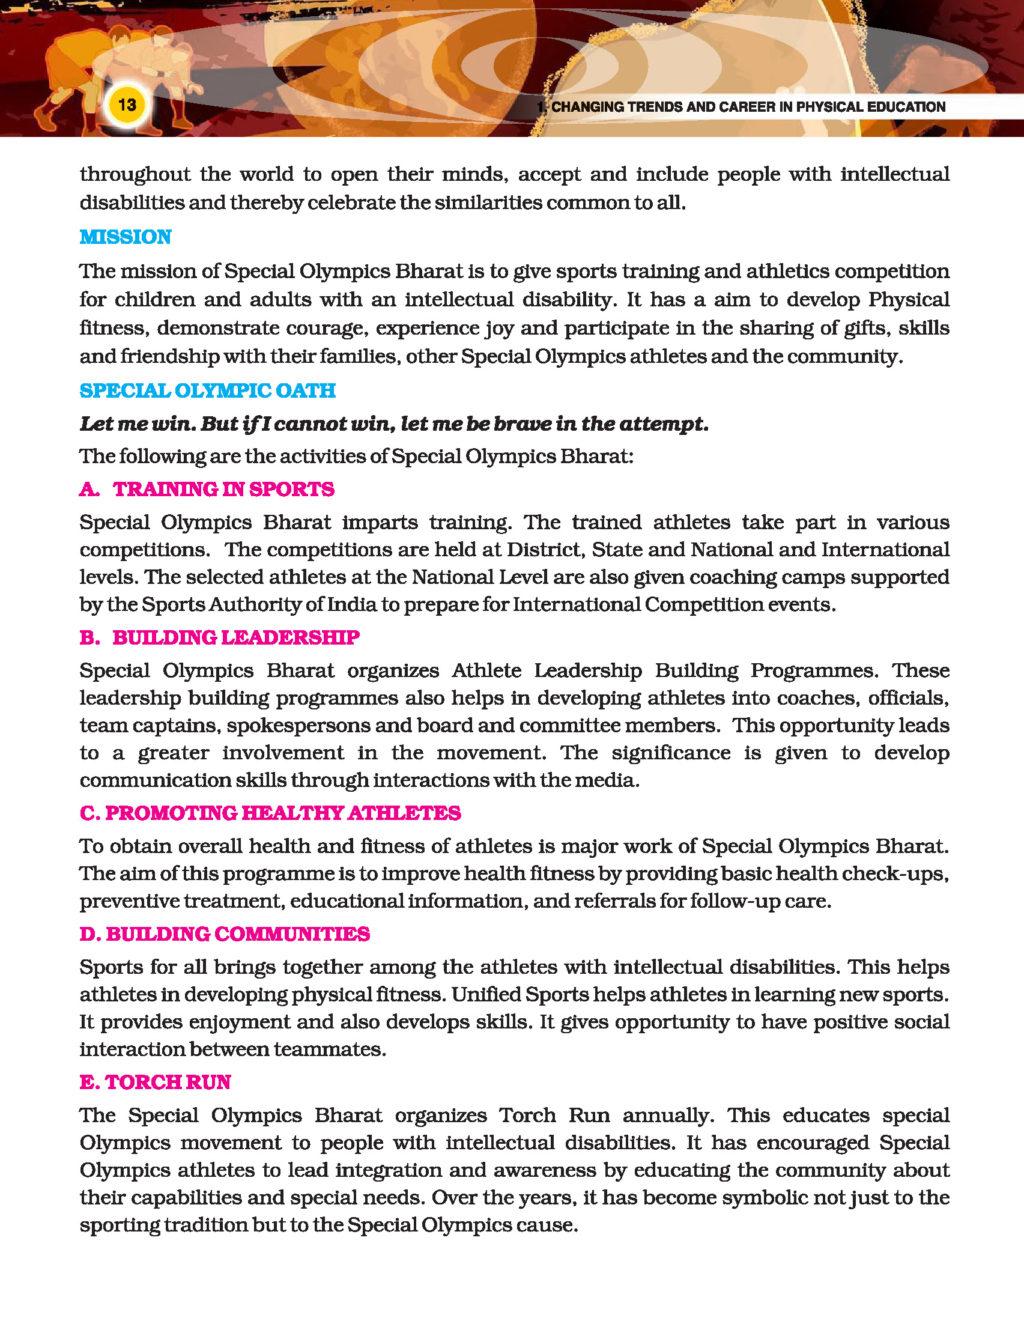 https://vishvasbook.com/wp-content/uploads/2016/09/Physical-Education_ebook_11_Page_23-1024x1321.jpg